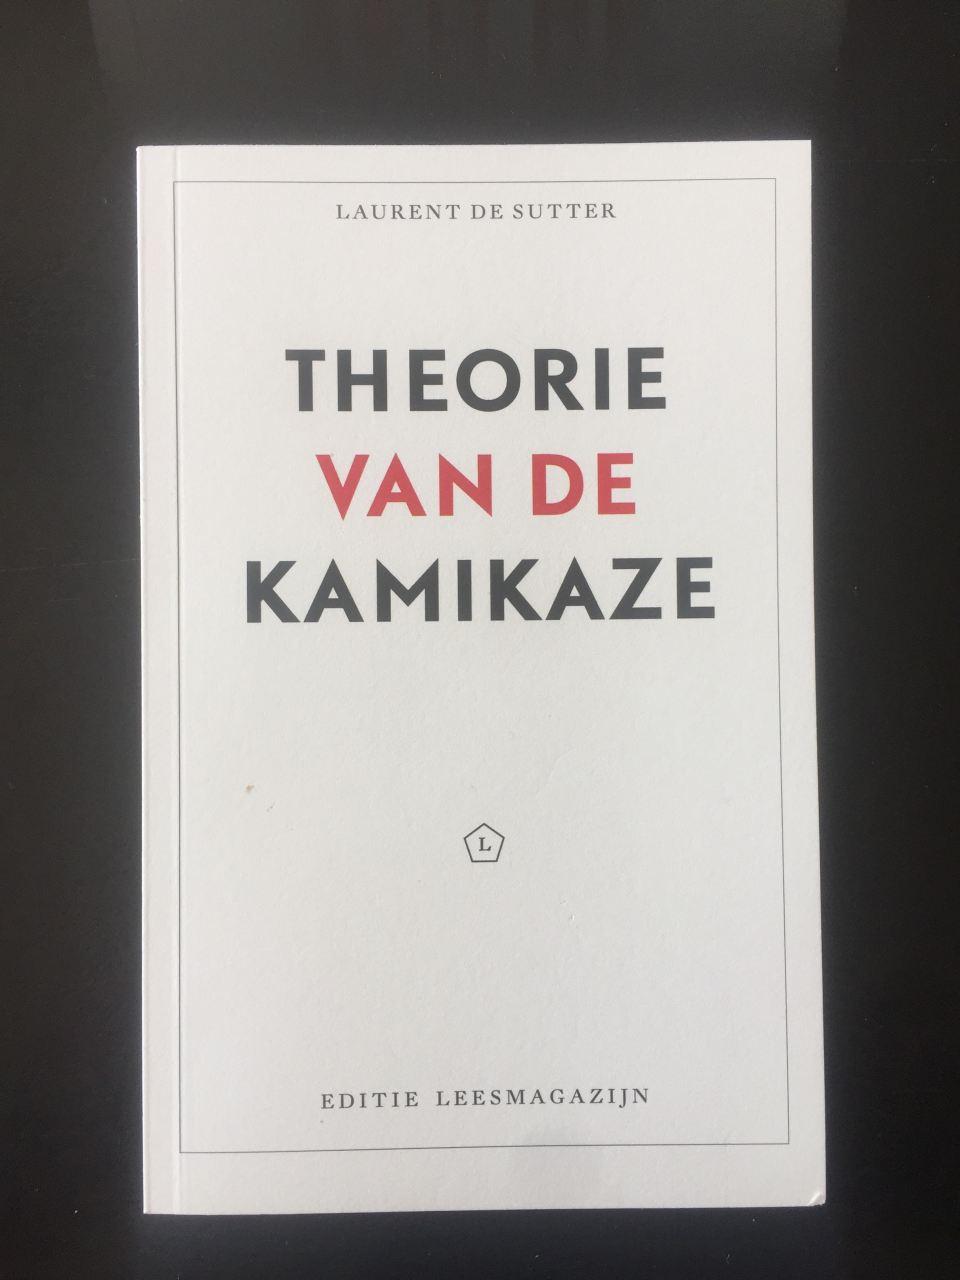 Laurent de Sutter, Kamikaze, voorkant